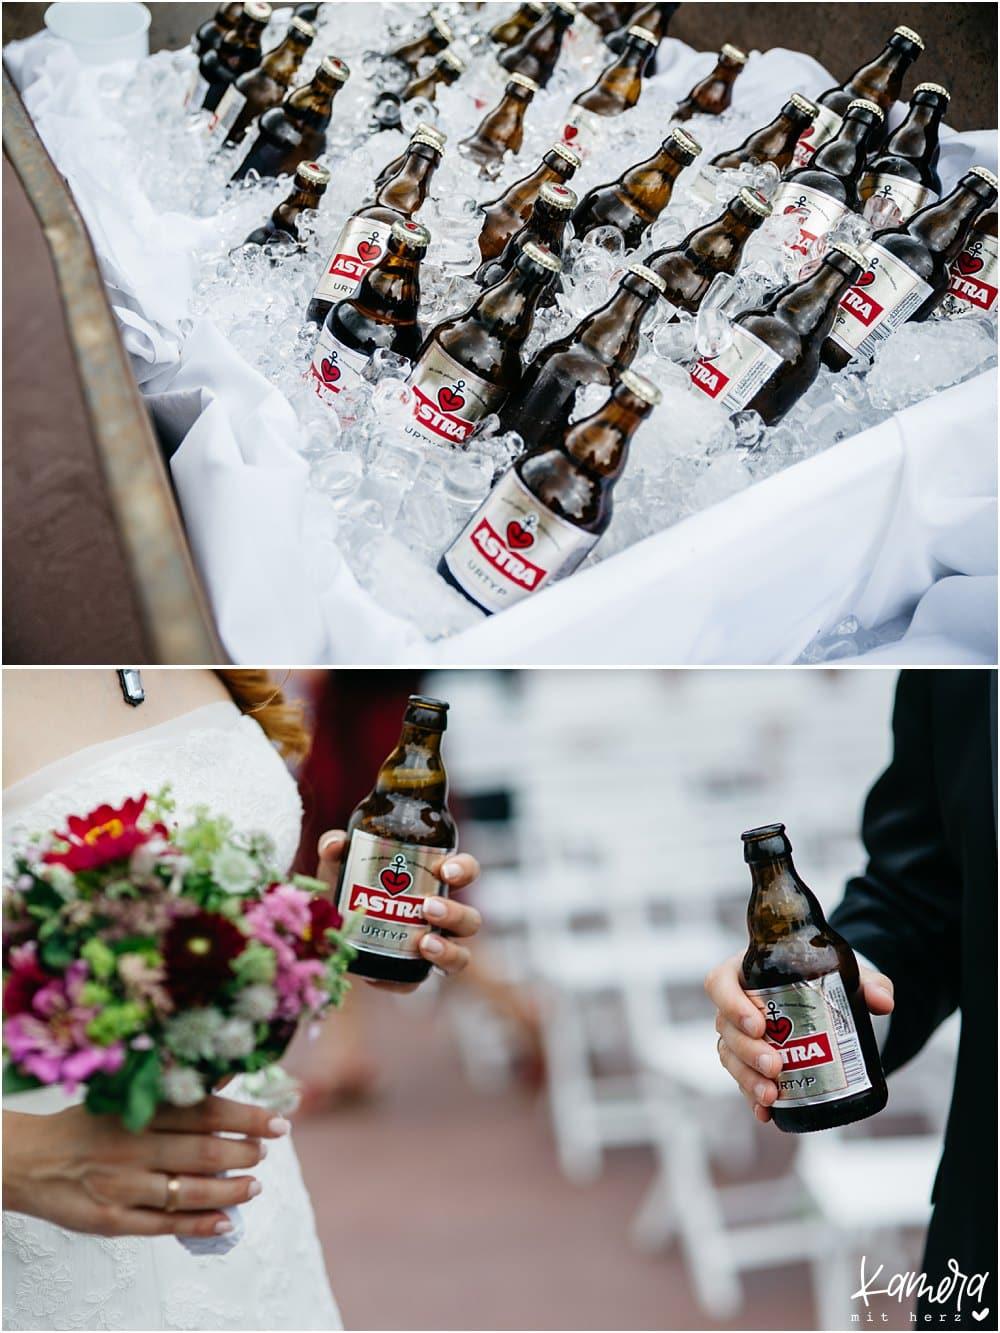 Bierempfang Hochzeit